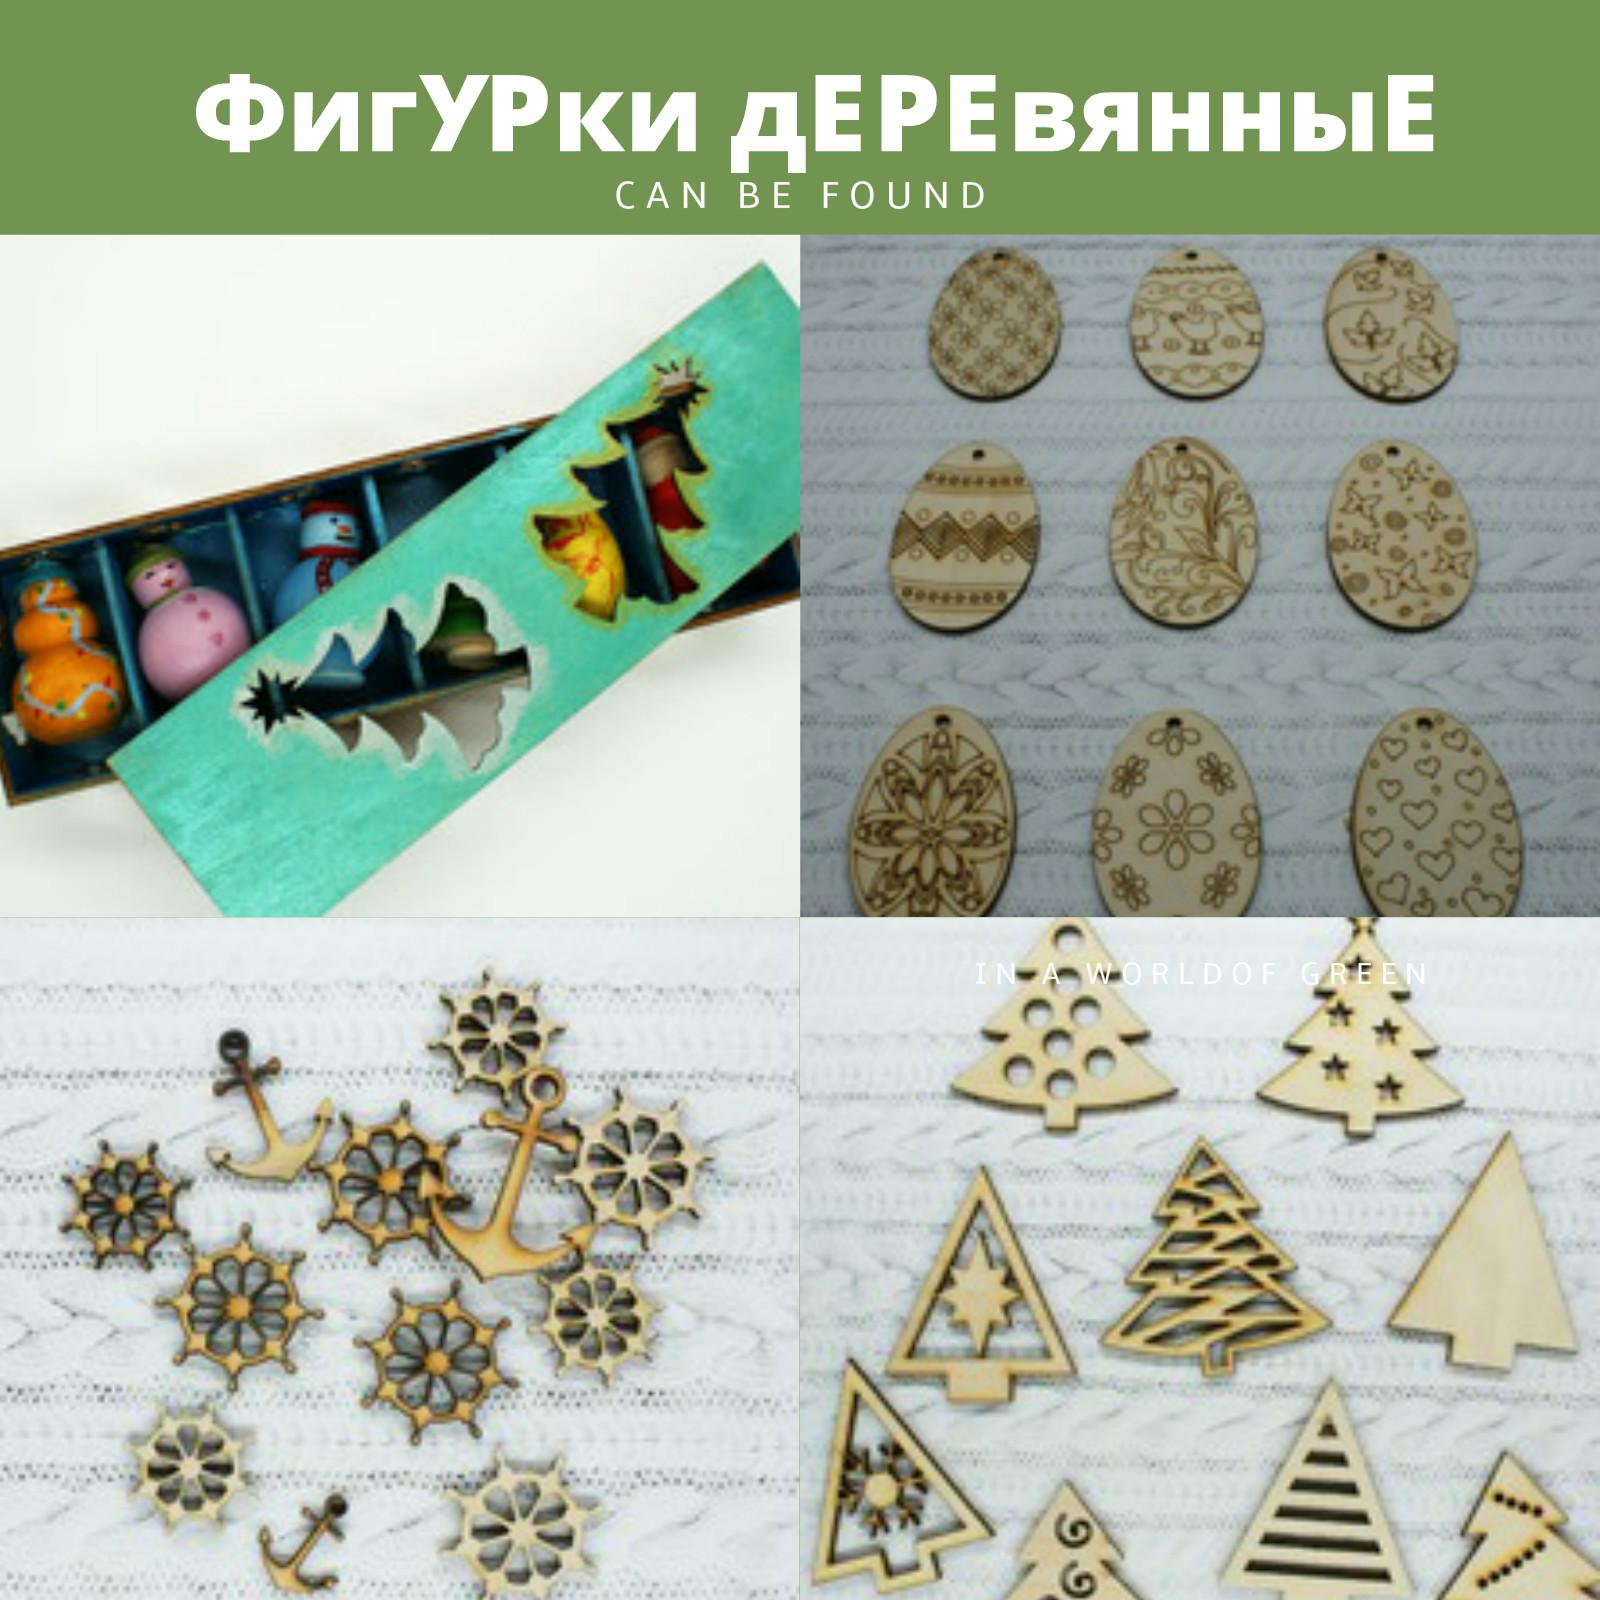 Деревянный декор-Плоский (подвески, фигурки, буквы и .т.д)